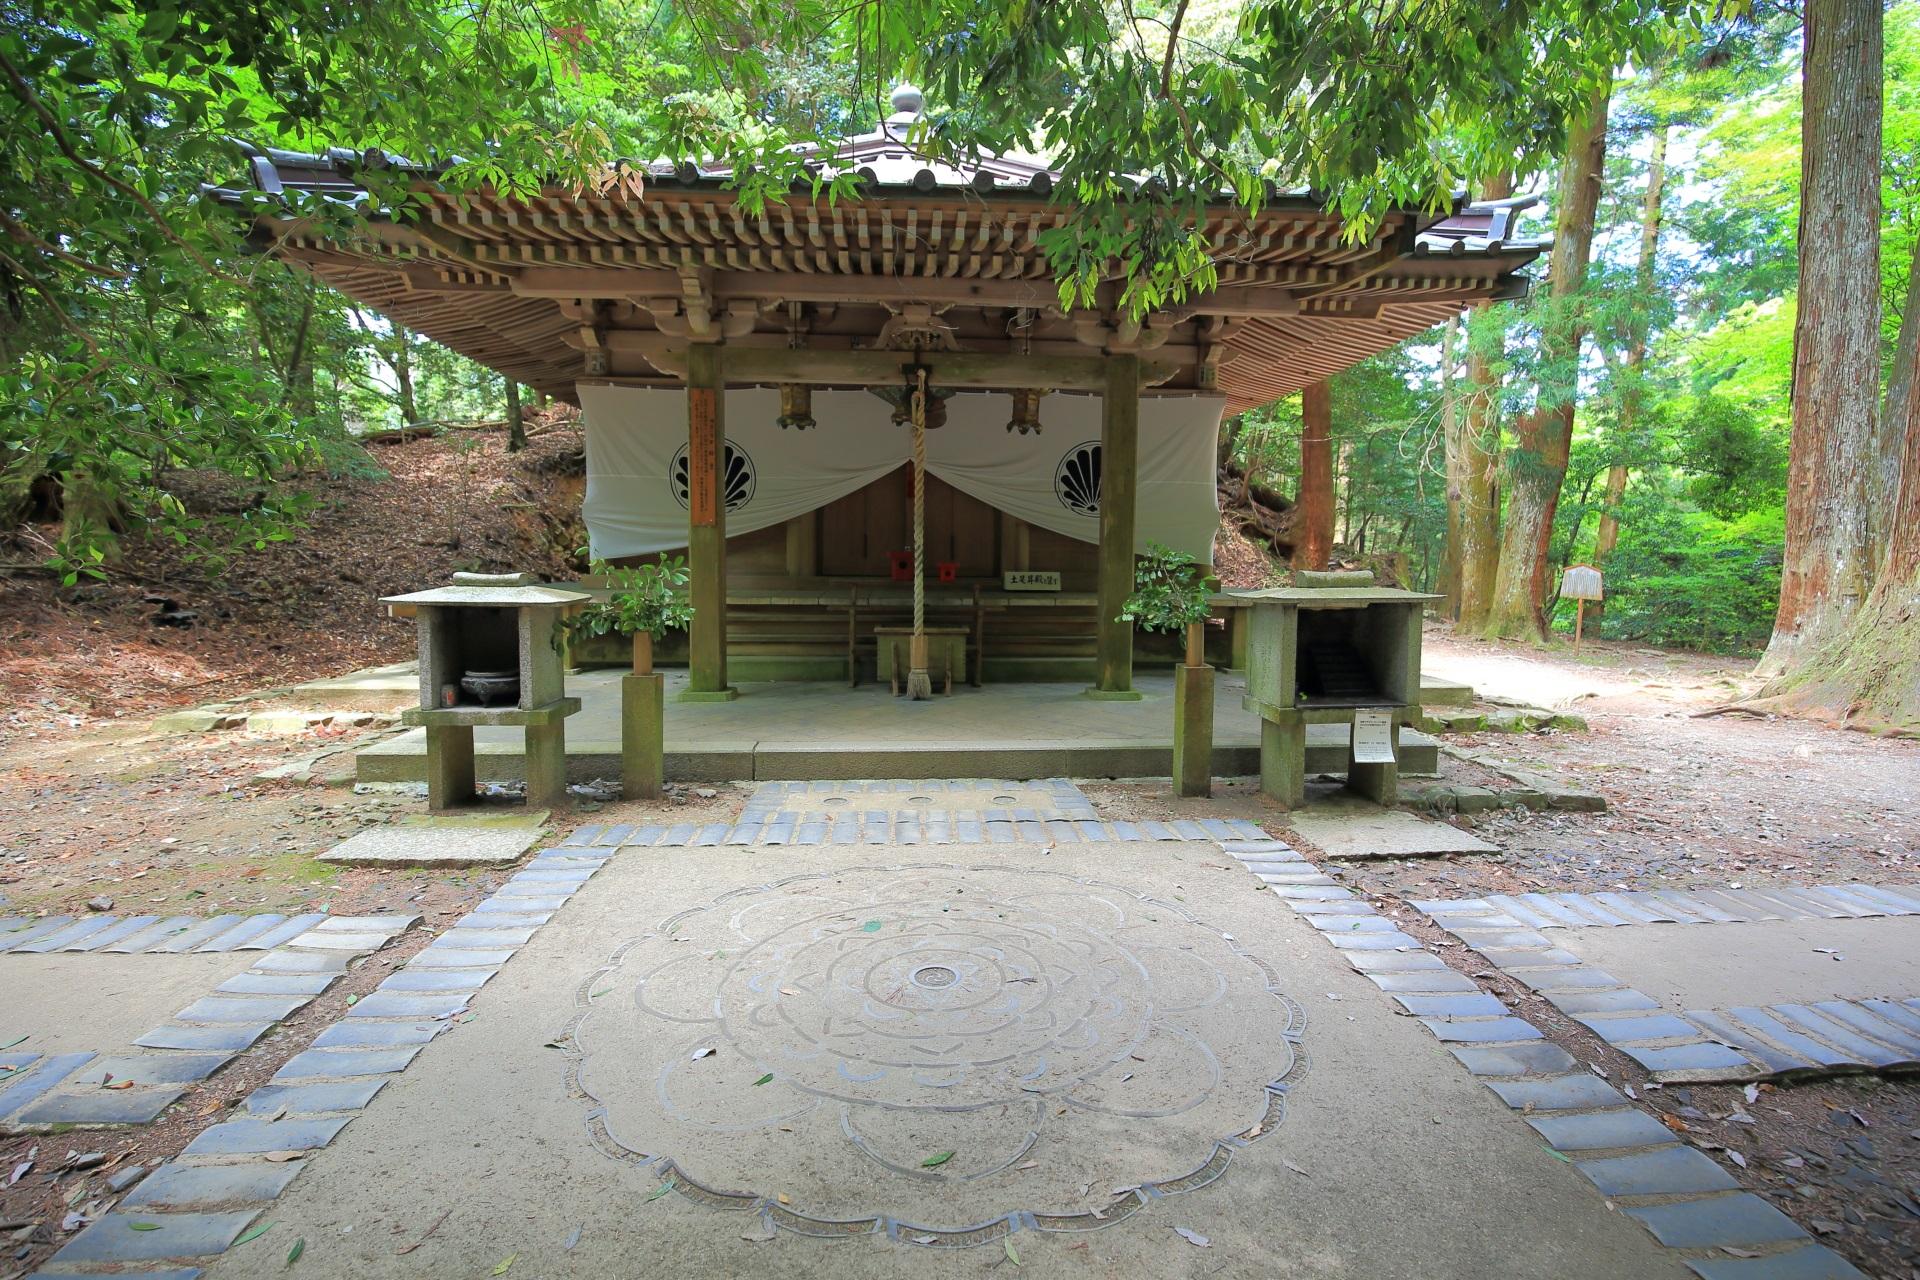 近くの池にはモリアオガエルも生息する自然の中に佇む鞍馬寺の不動堂